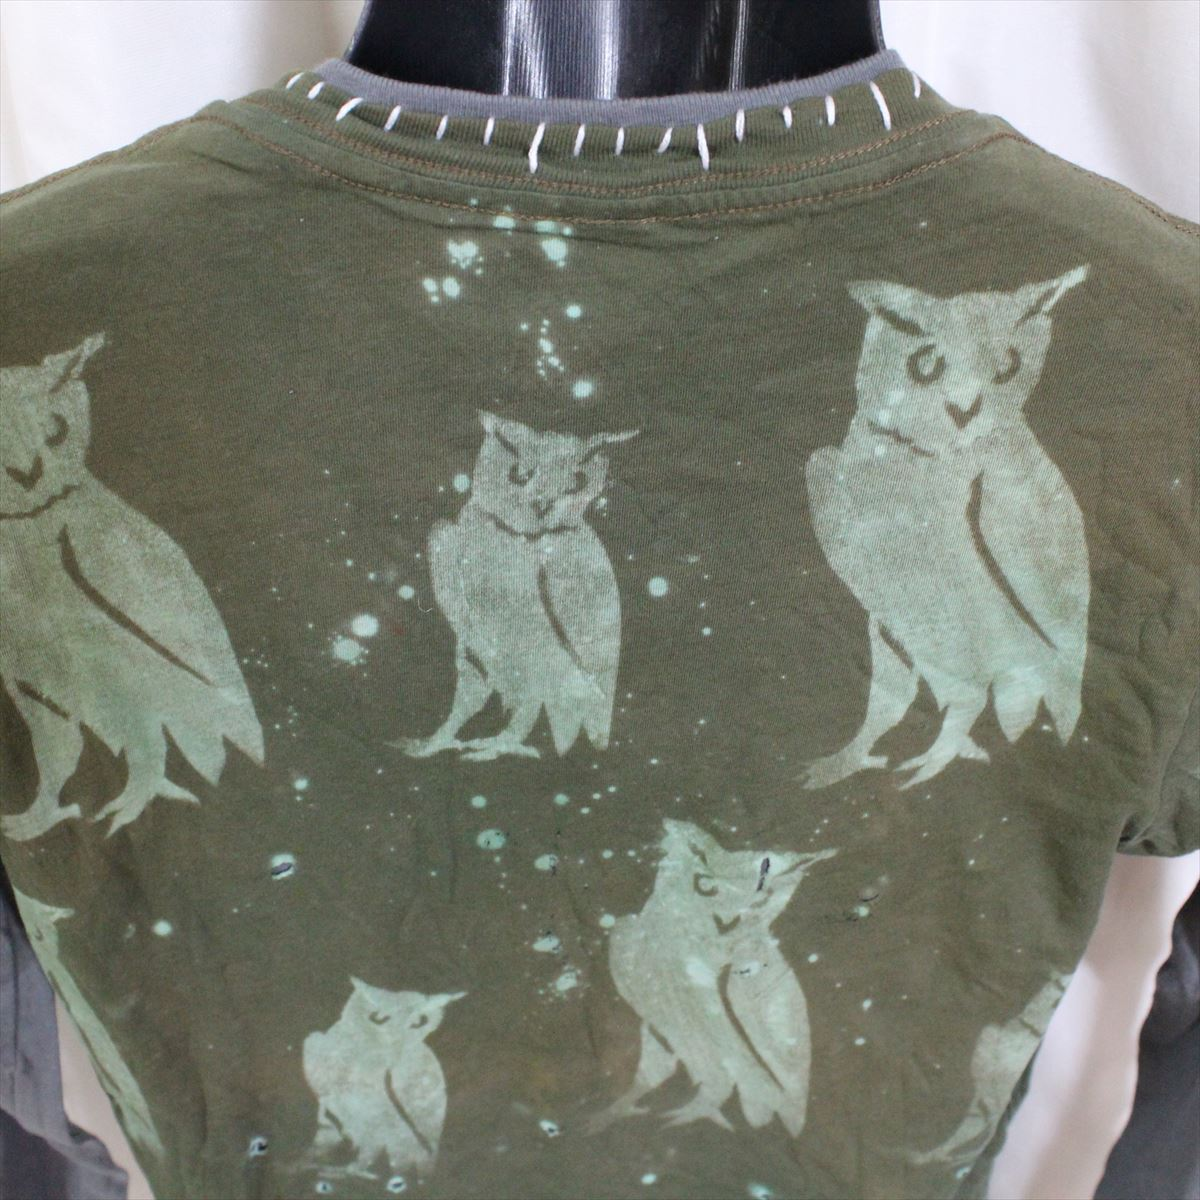 アイコニック ICONIC COUTURE メンズ長袖Tシャツ カーキグリーン Lサイズ 新品 ダブルスリーブ フクロウ アメリカ製_画像5